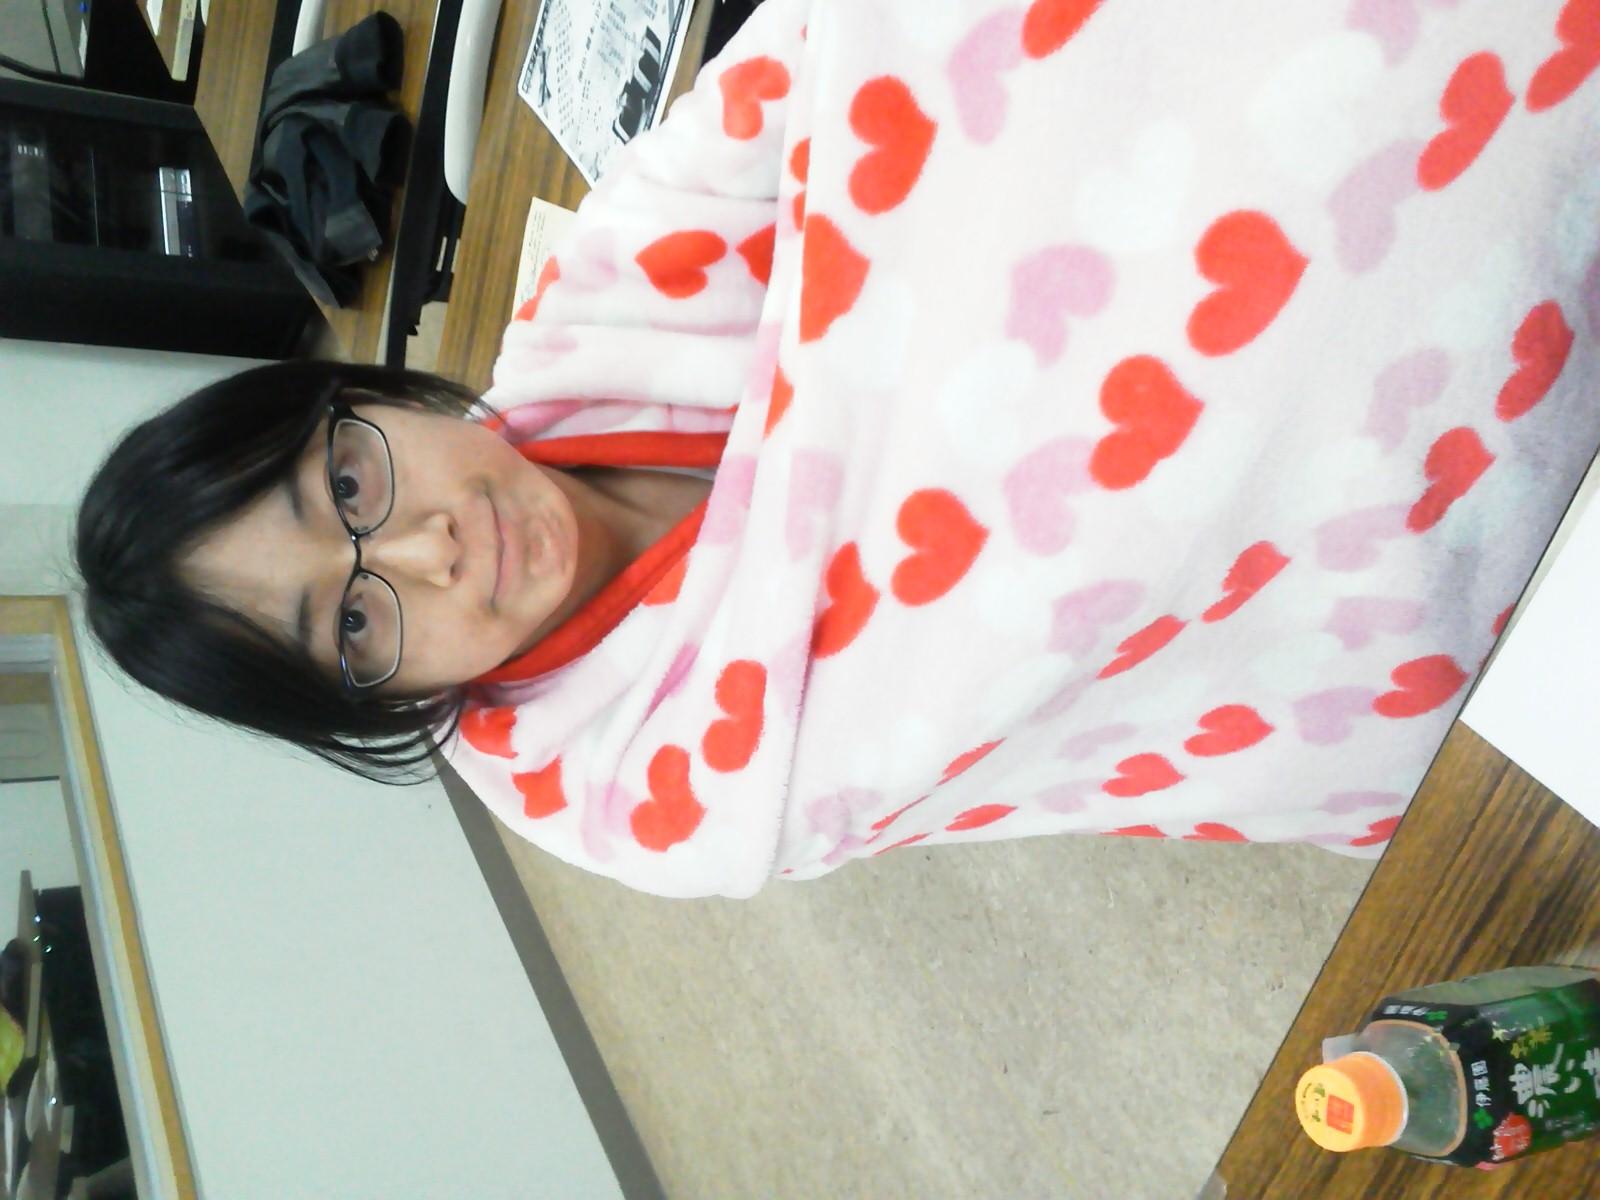 NEC_2526_20121207131234.jpg